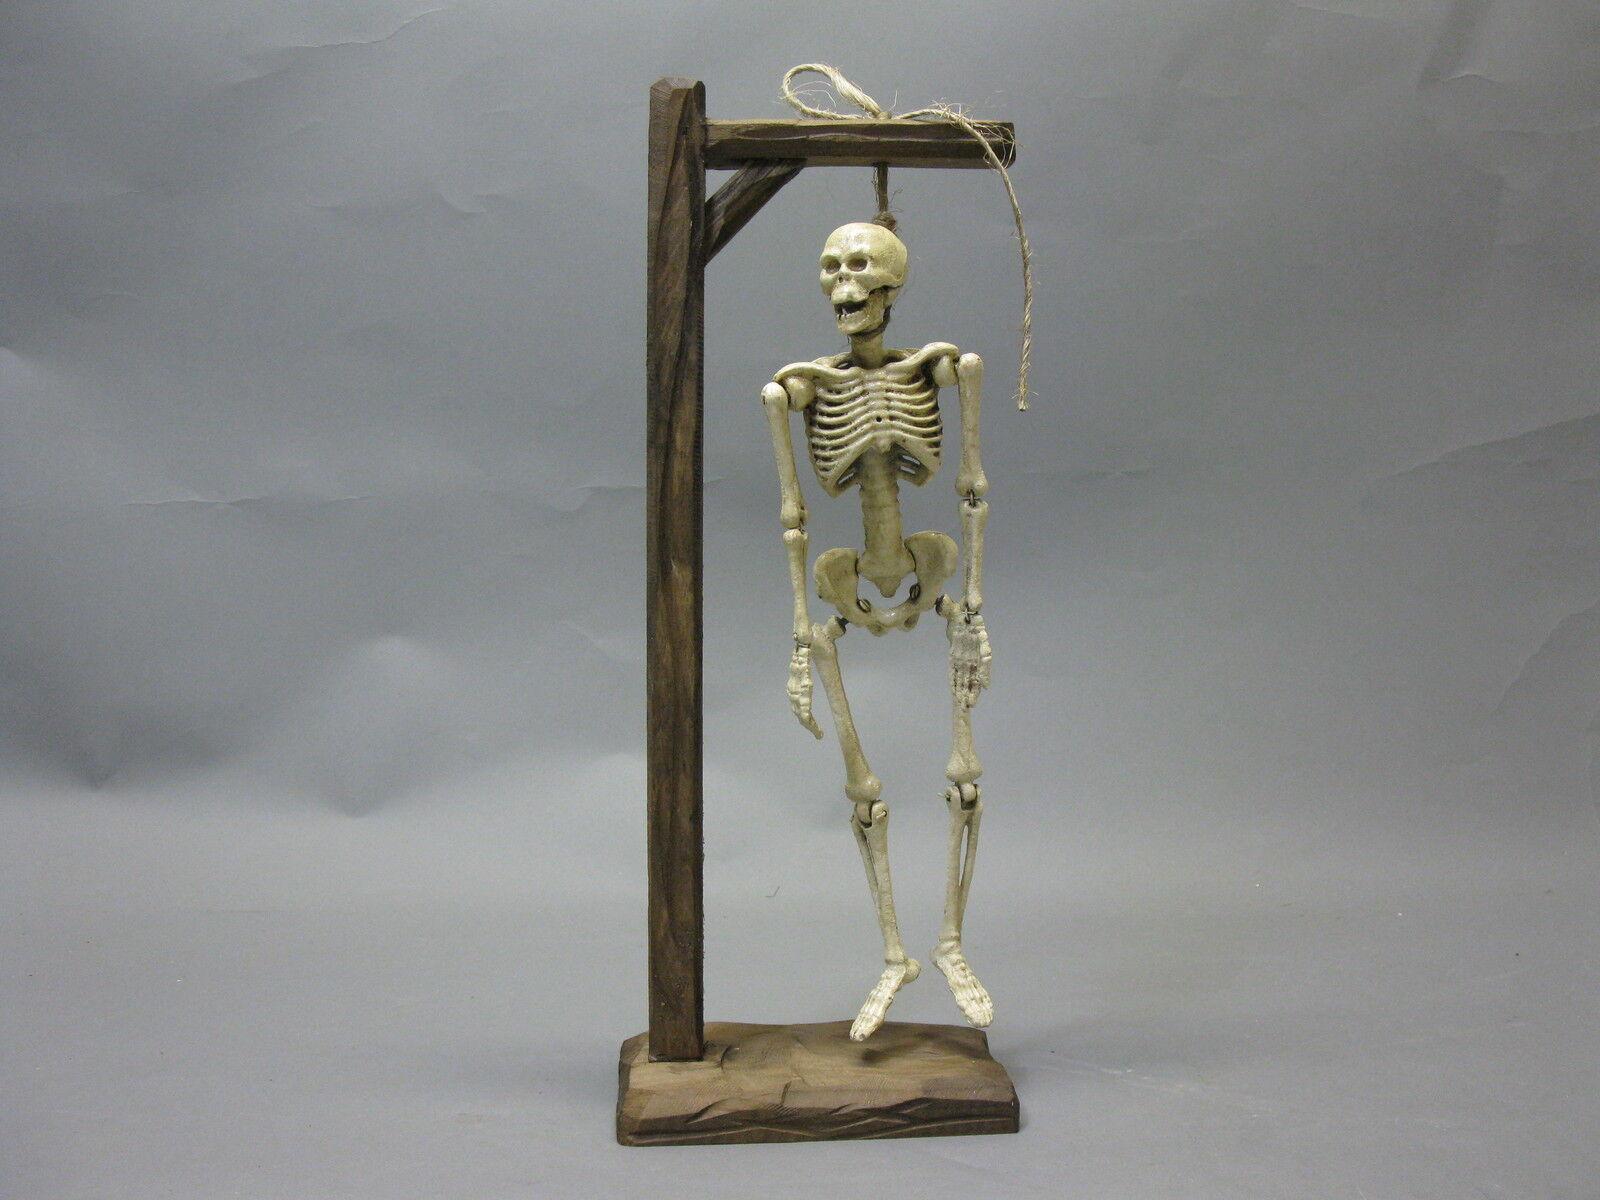 Gusseisen Skelett Skull  Knochenotto am Galgen 38cm